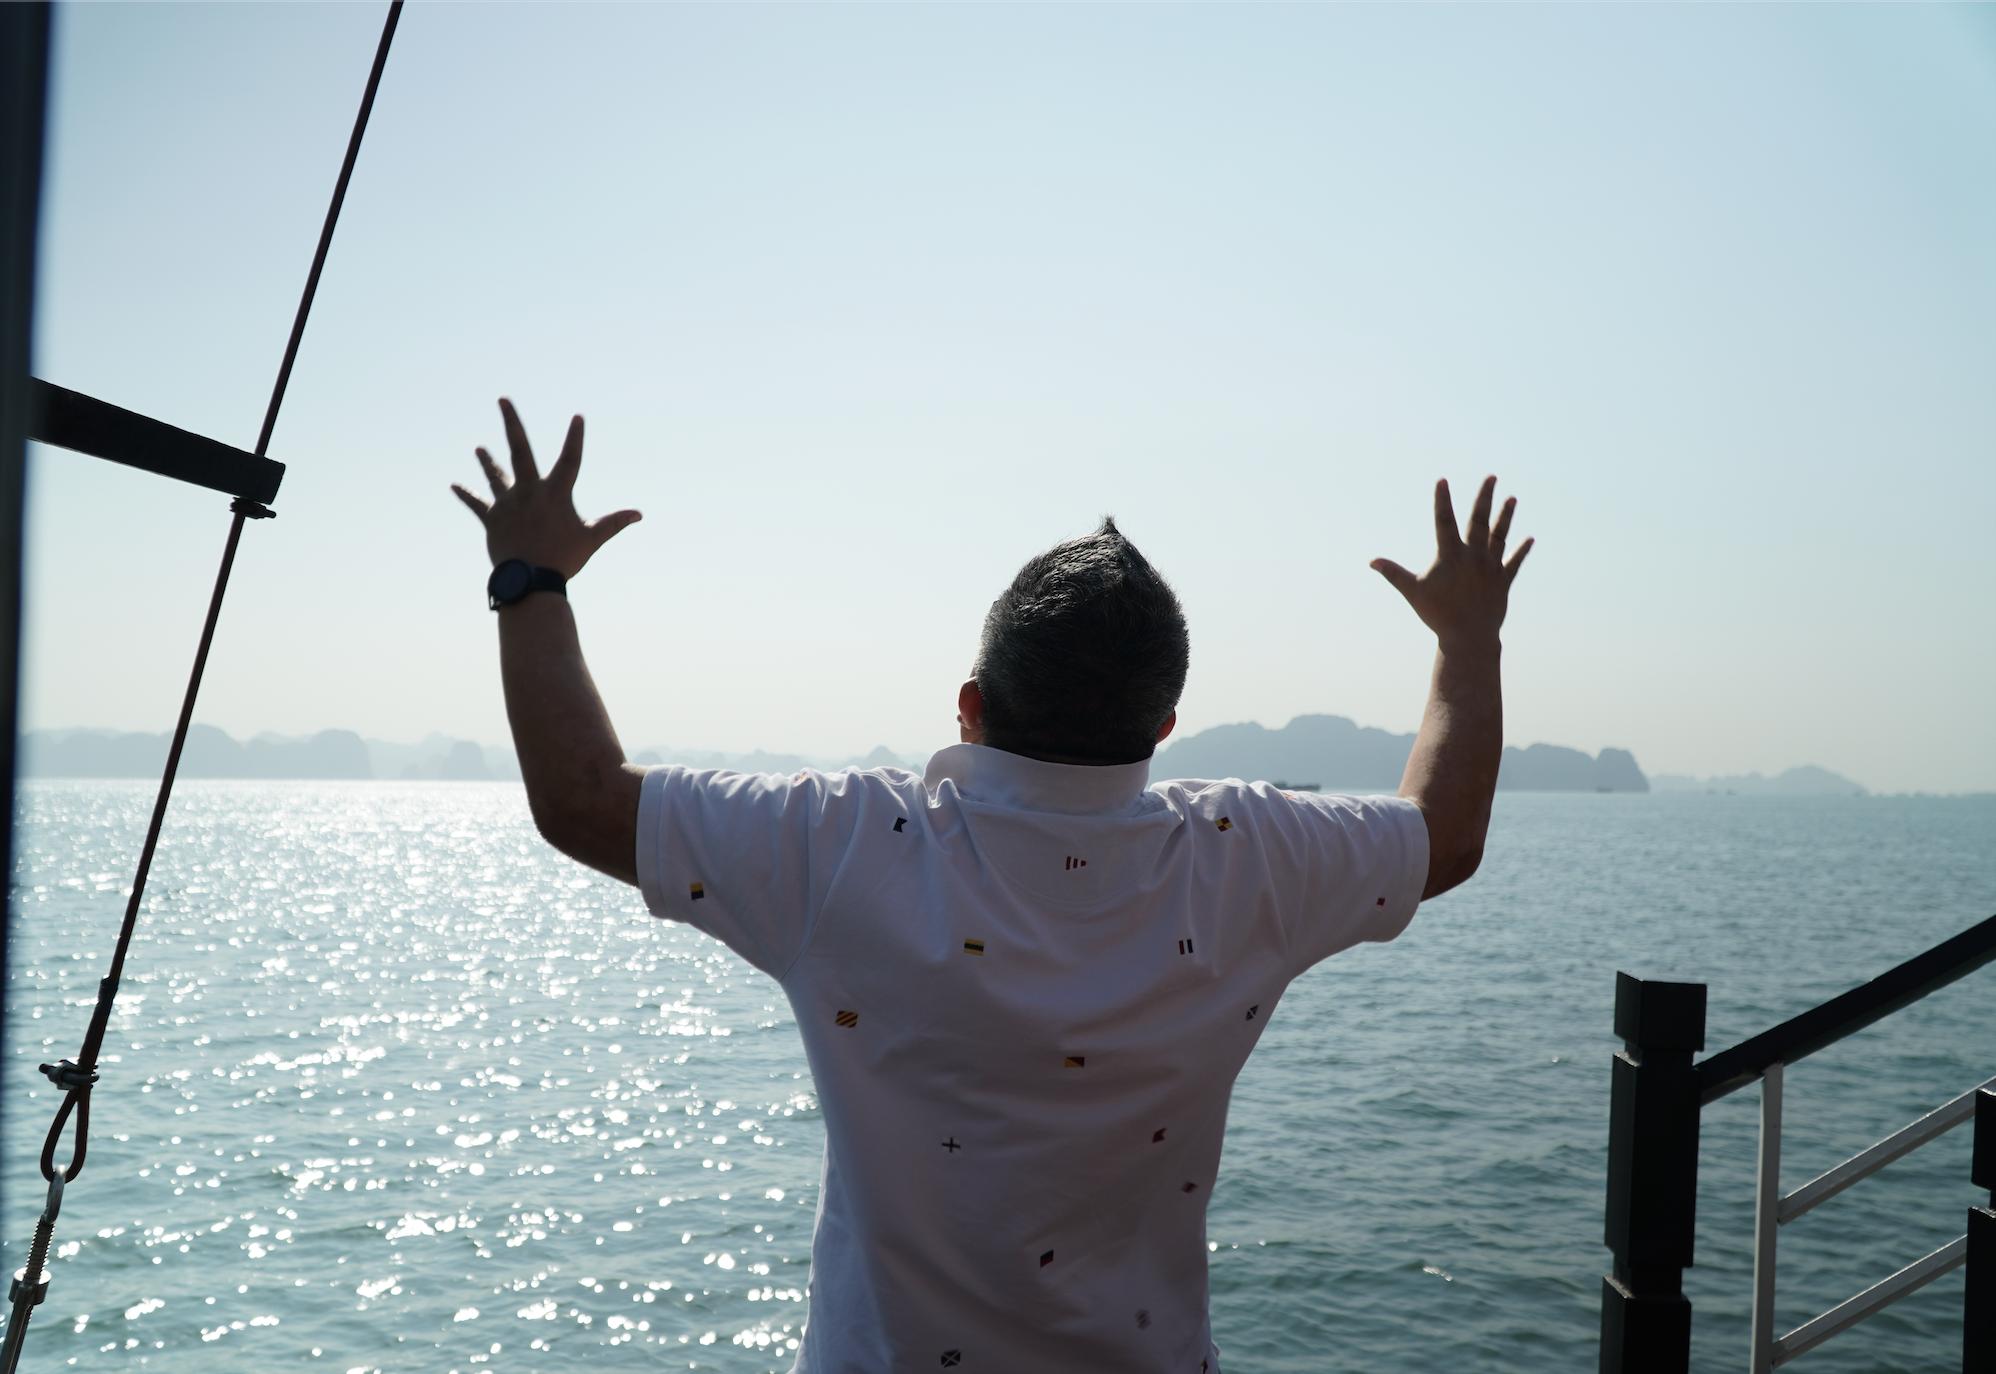 下田 龍宮窟 祝!【ドラゴンゲート開き&龍神エネルギー覚醒】ドクタードルフィン 龍神フォース リトリートツアー:ベトナム・ハロン湾でドラゴンゲートを開くドクタードルフィン松久正